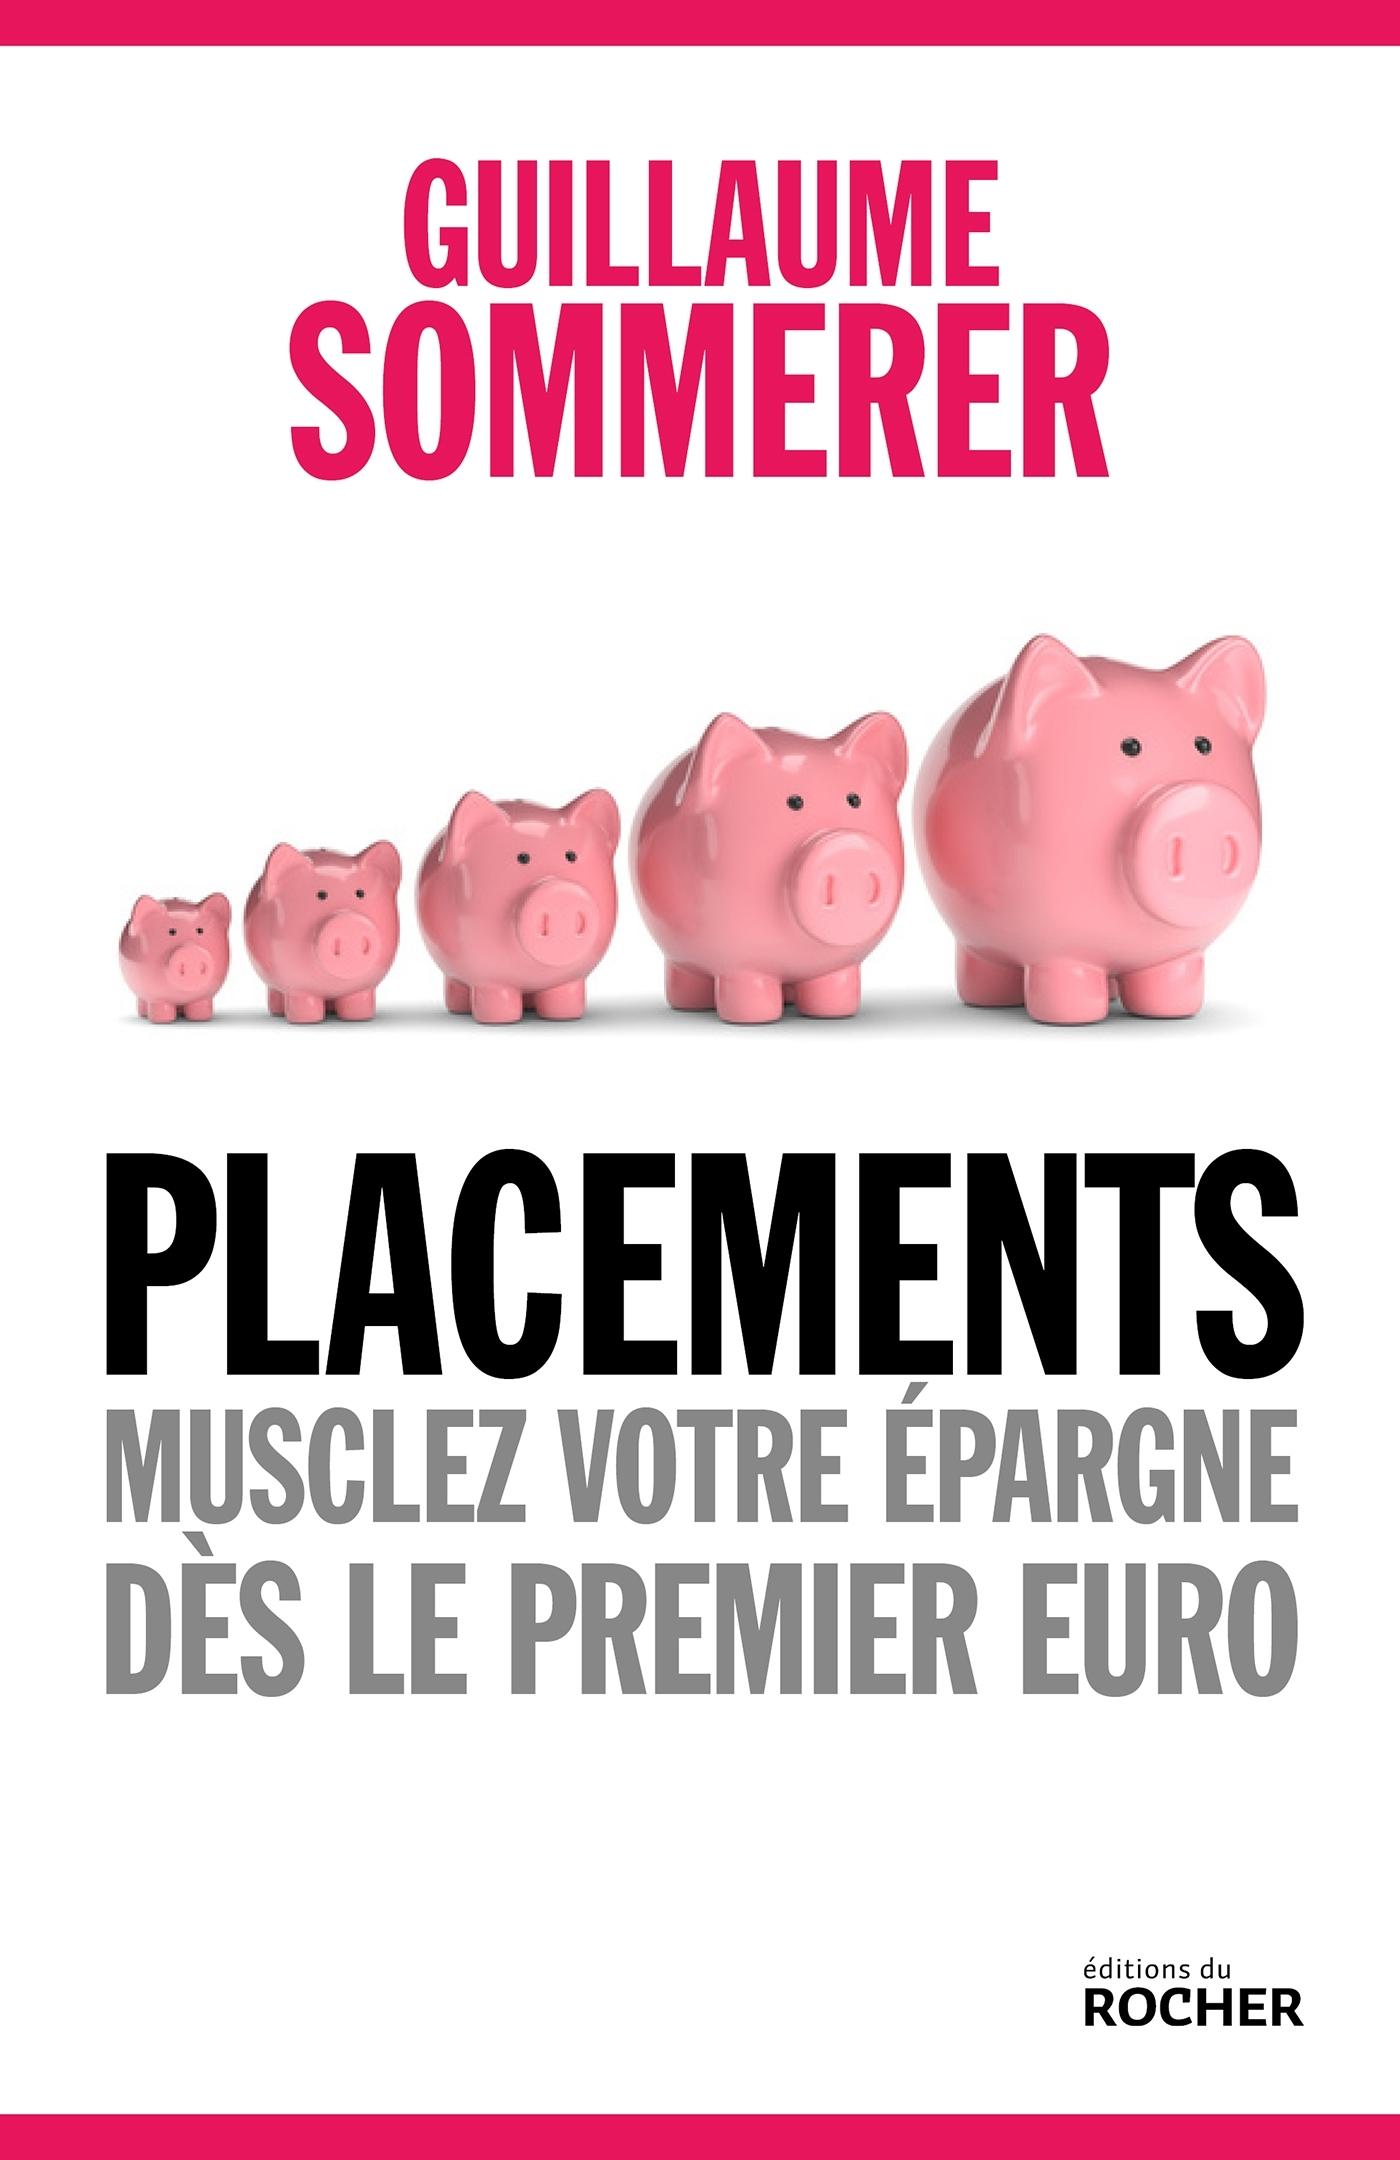 PLACEMENTS. MUSCLEZ VOTRE EPARGNE DES LE PREMIER EURO